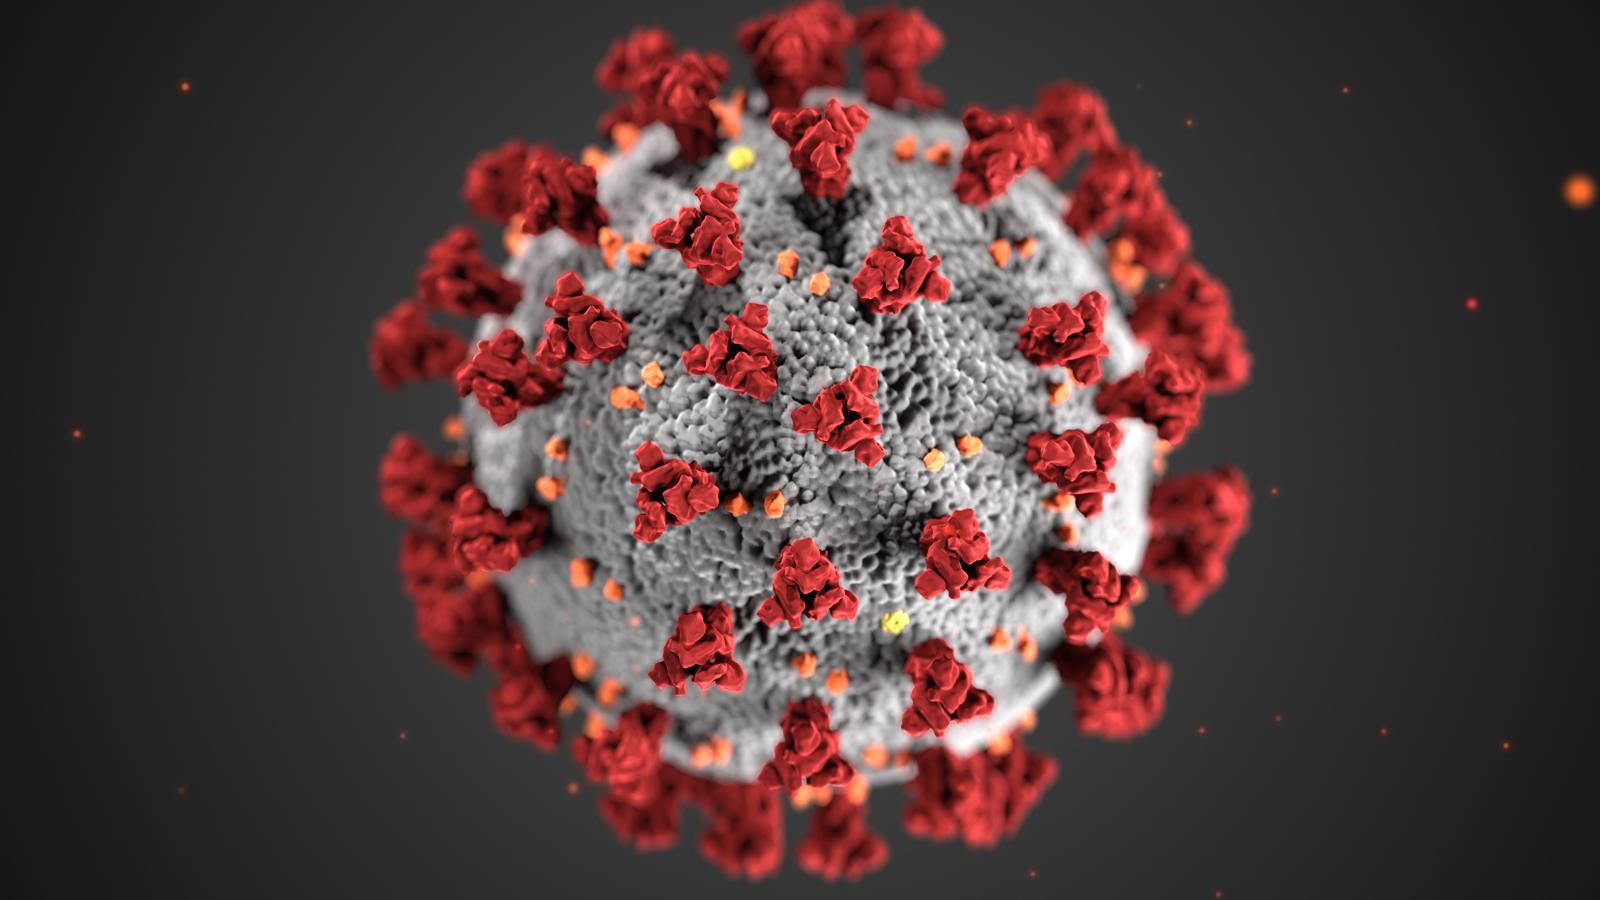 Вакцины бүрэн тунгаа хийлгэсэн хүмүүст ямар боломж нээгдэх вэ.